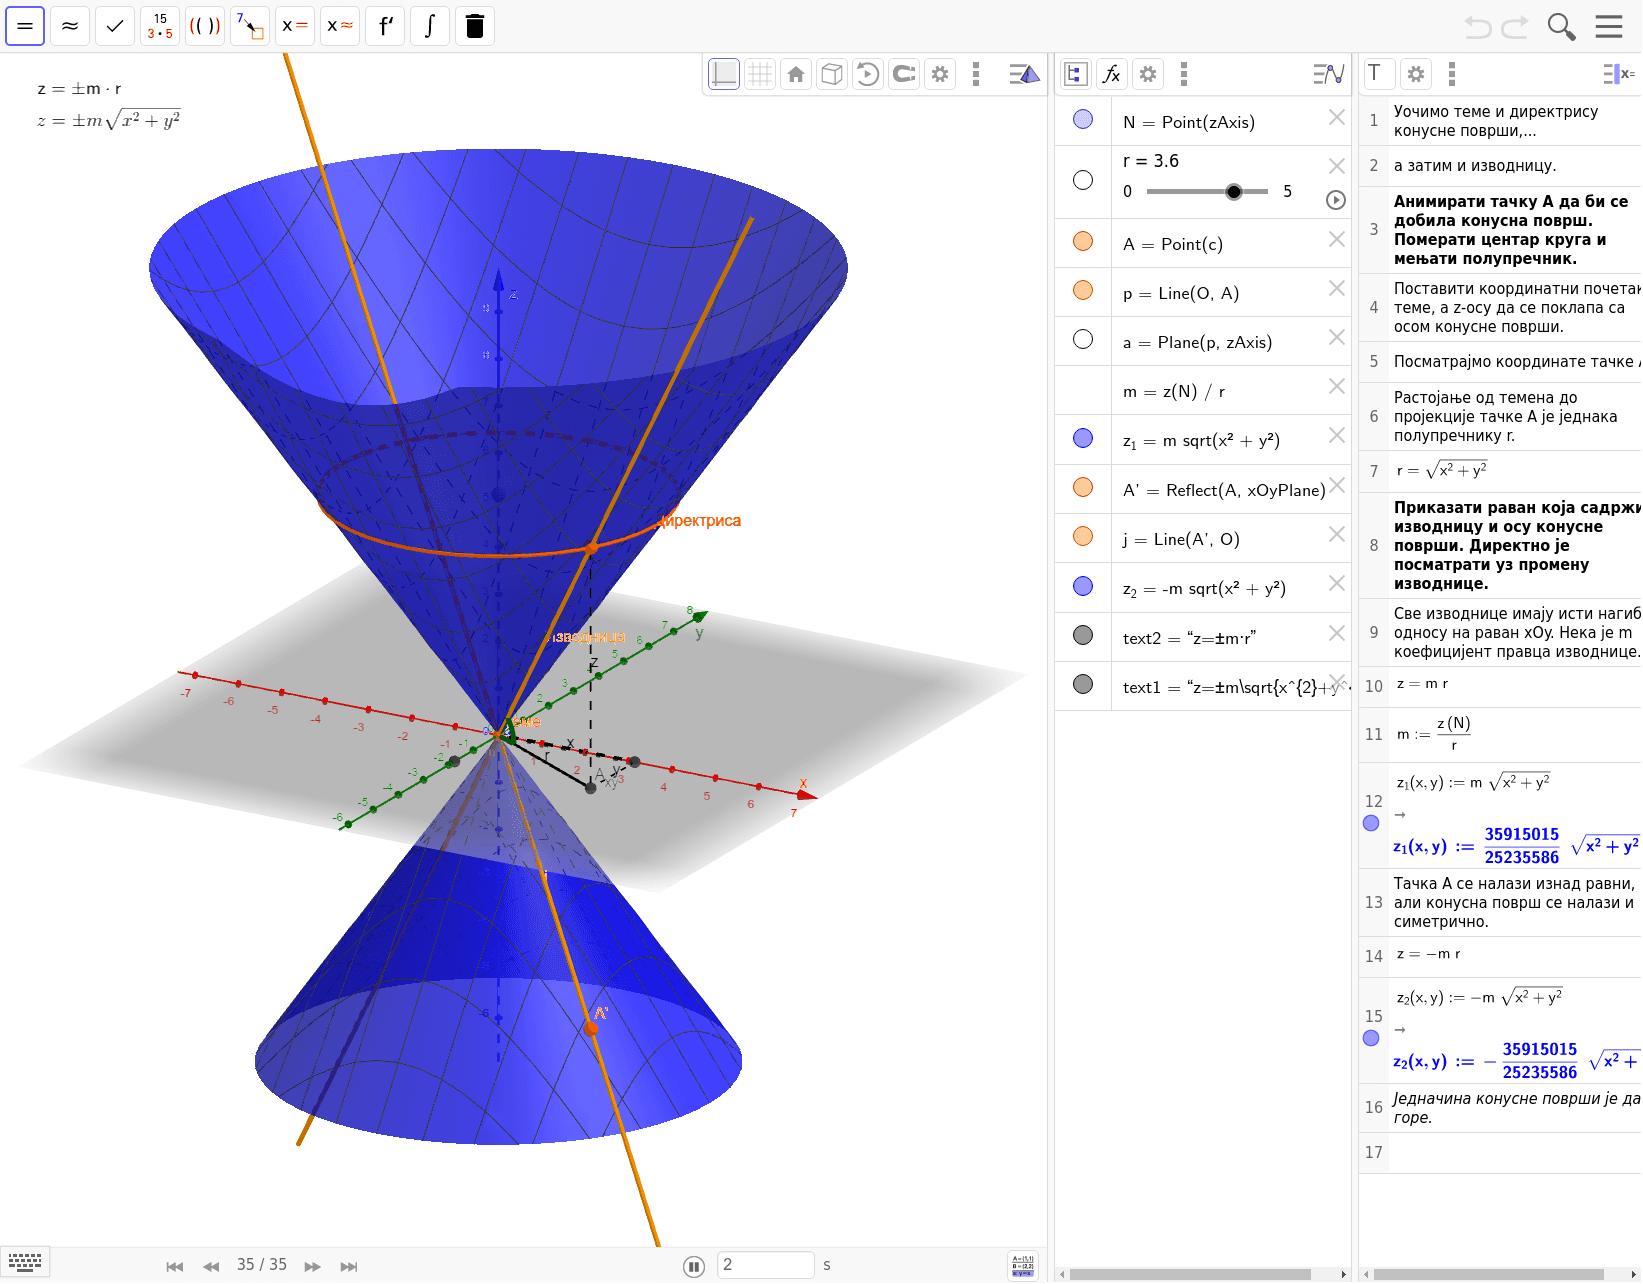 Извођење једначине конусне површи